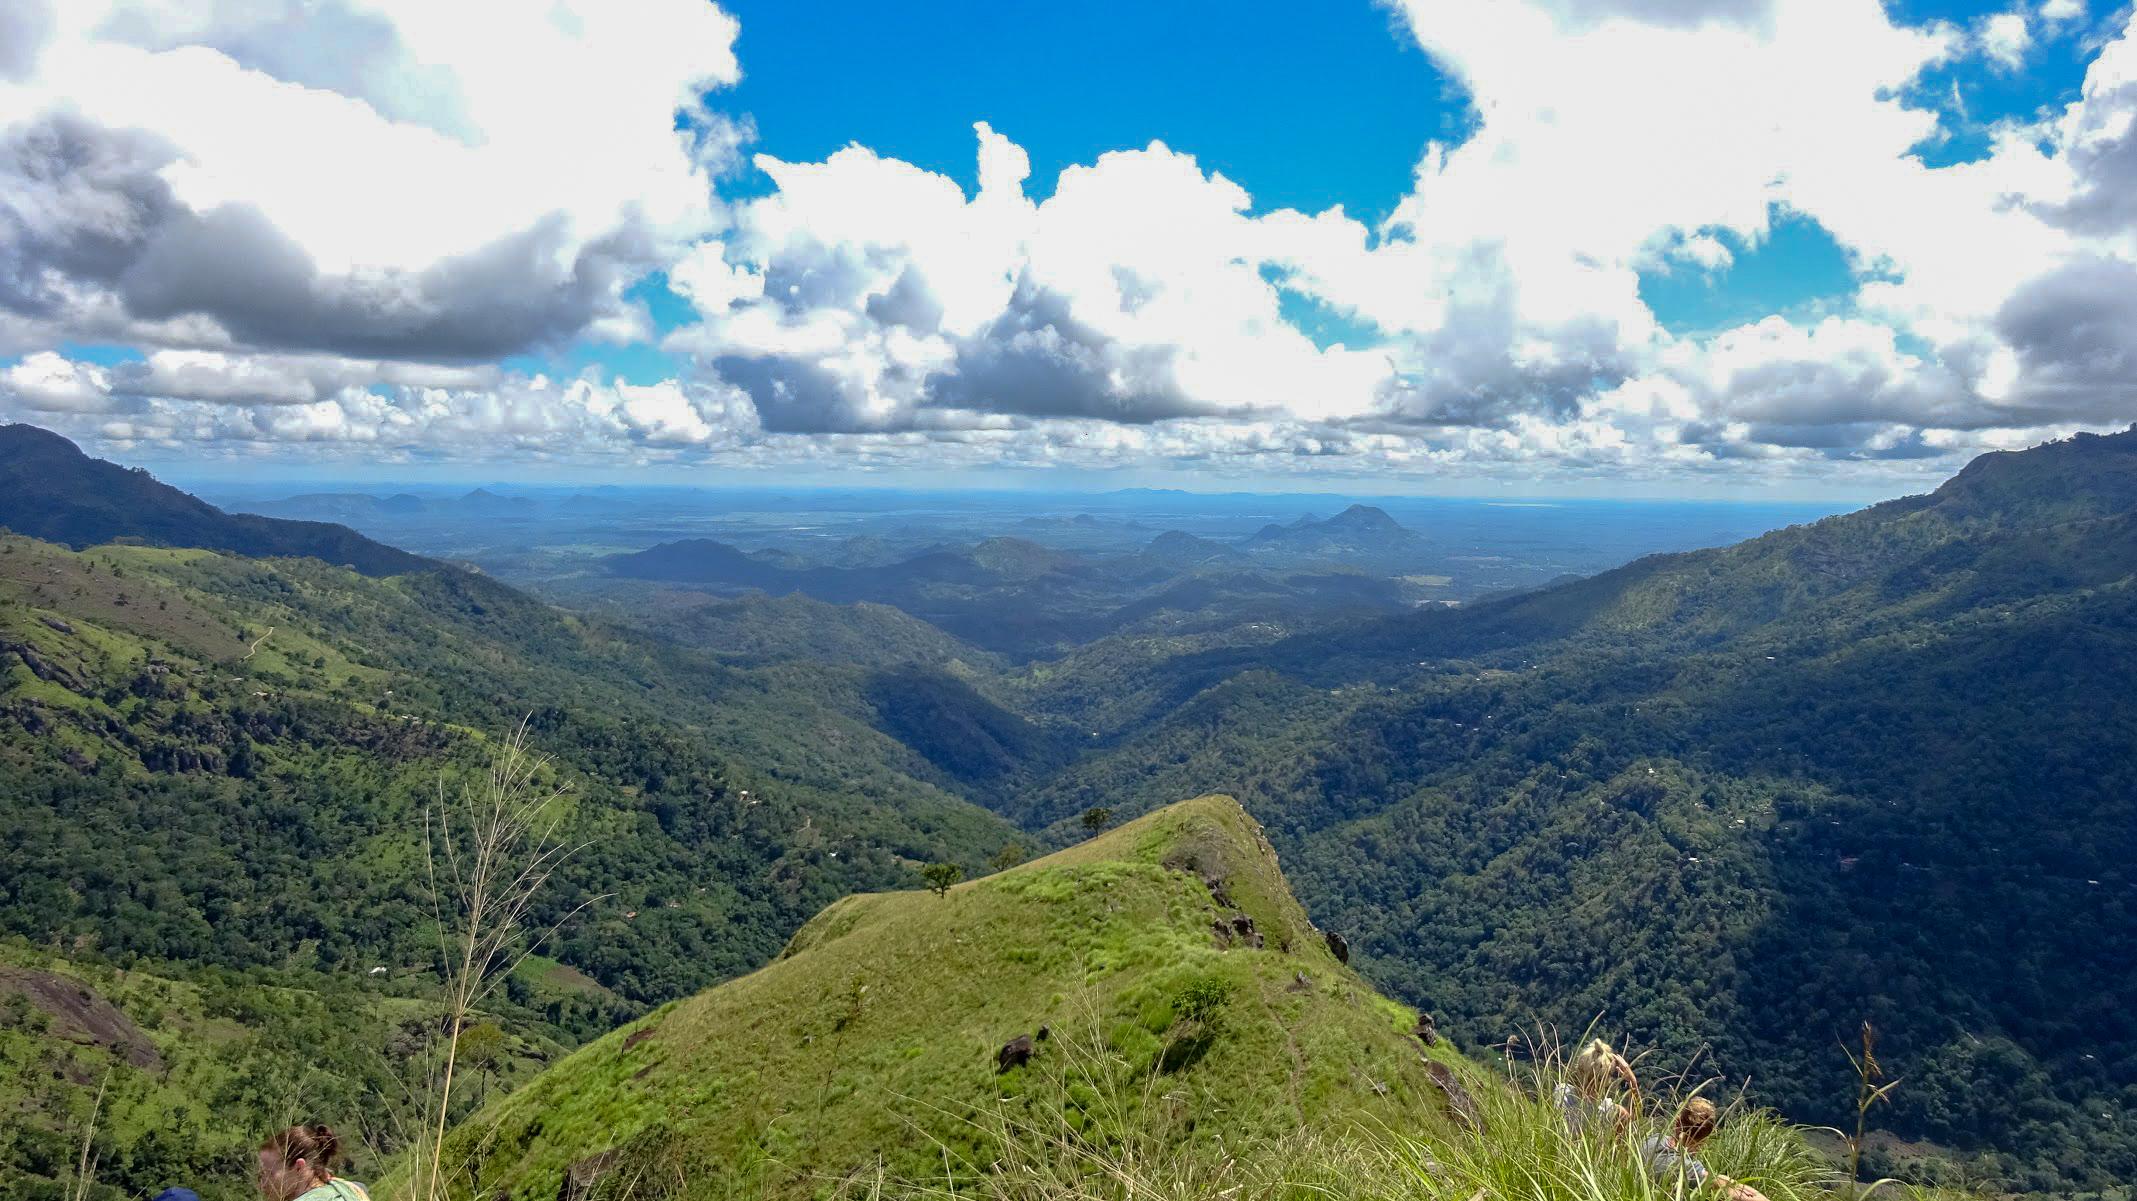 view of the green hills from Little Adam's Peak, Ella, Sri Lanka